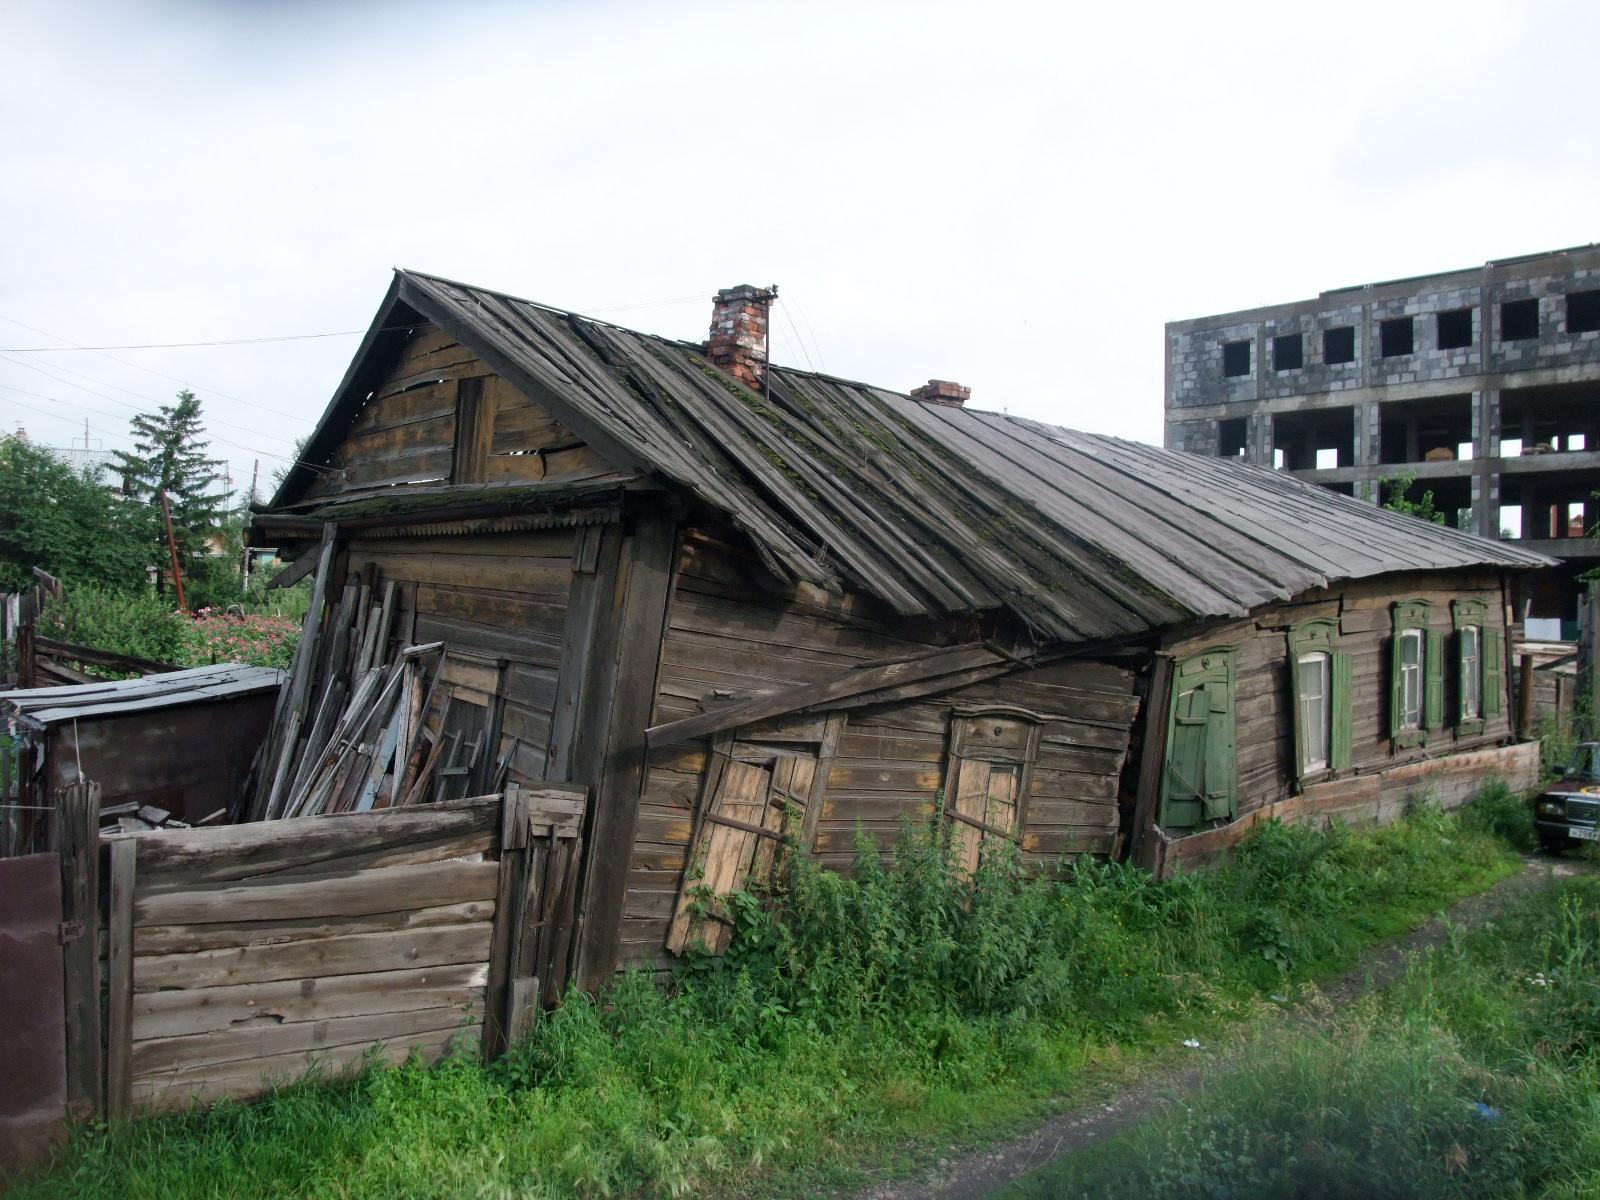 Vår gamle slitte rønne... her fra Irkutsk, Sibir, Russland